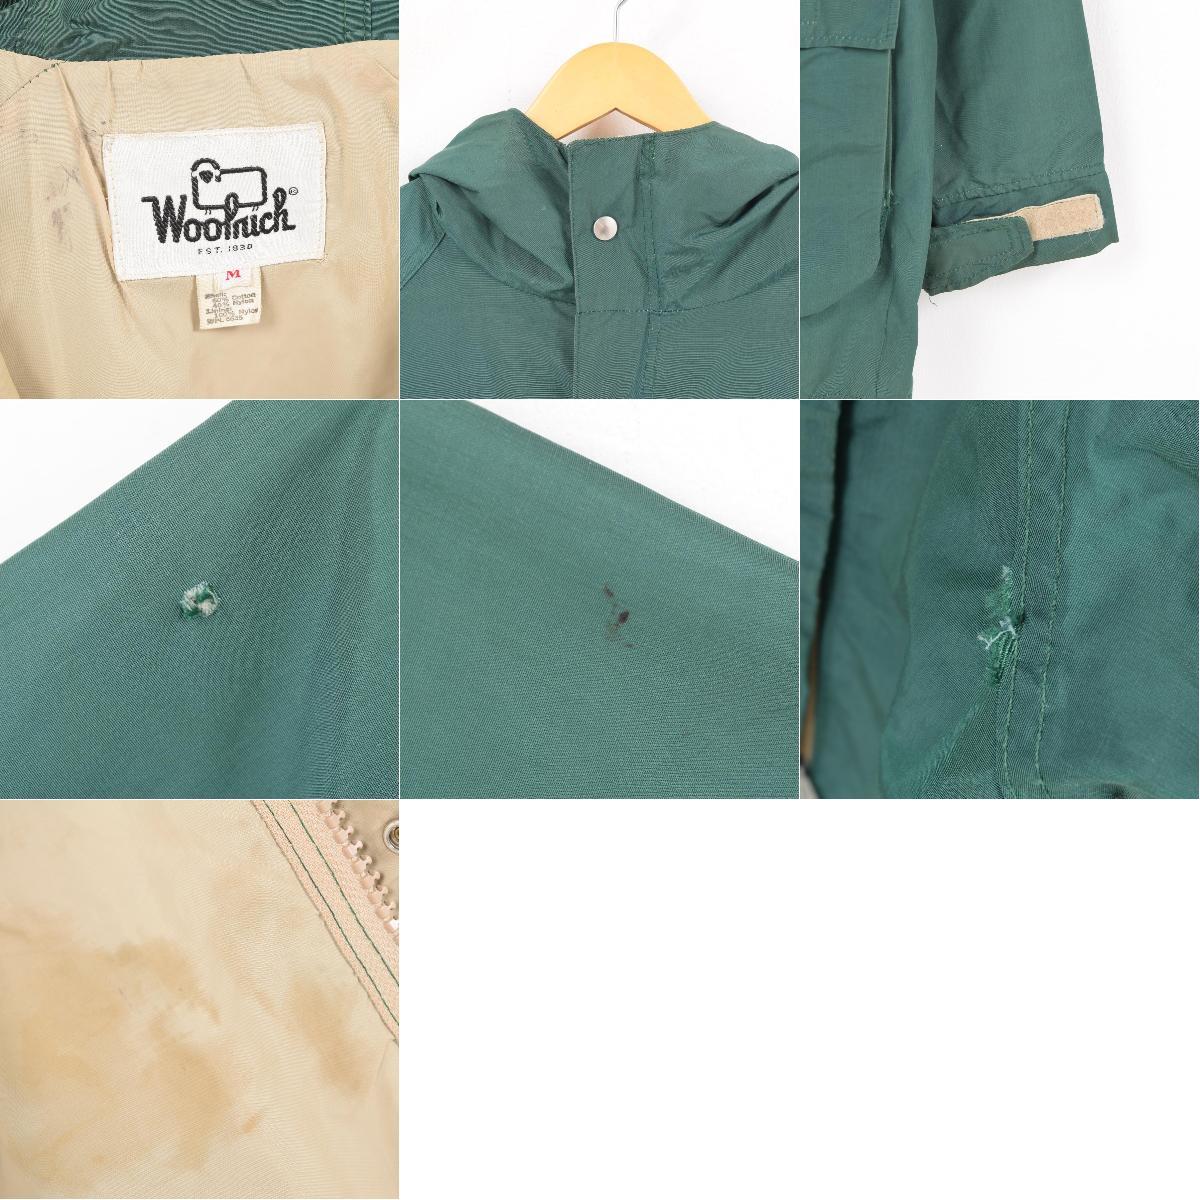 70年代 ウールリッチ WOOLRICH マウンテンパーカー メンズL ヴィンテージwau7989180906SS1909TS19110wPnOk